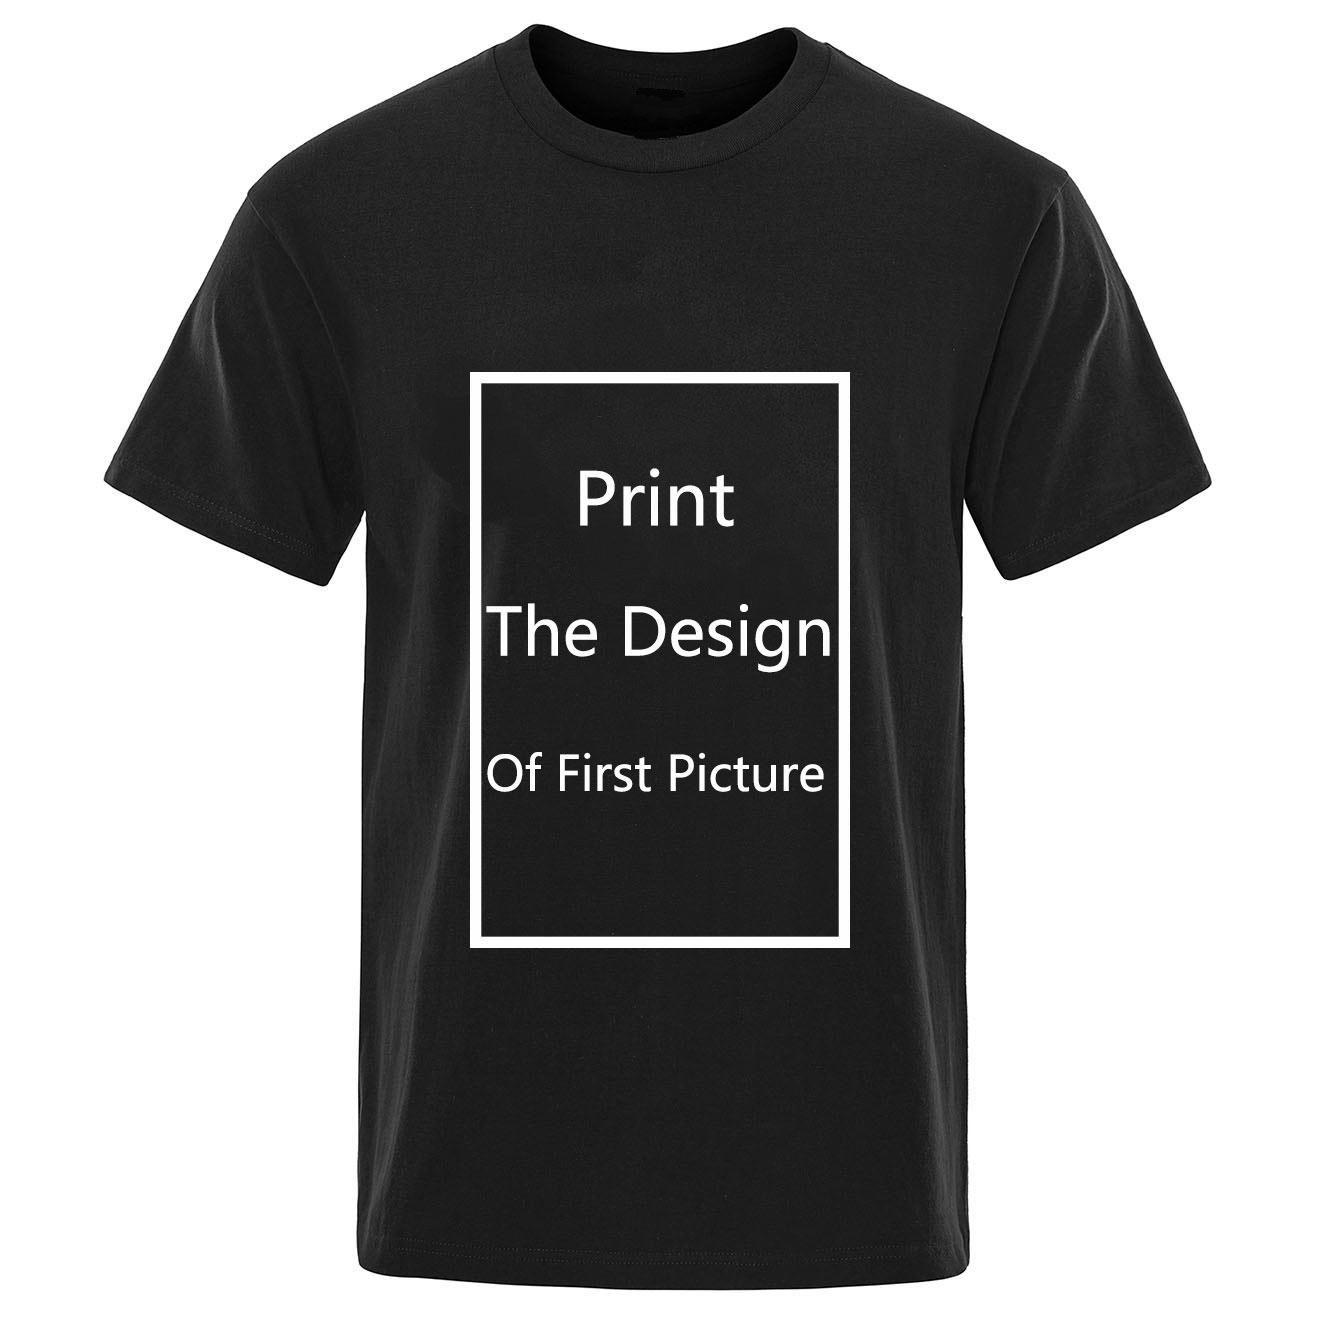 Camiseta 2019 de manera del verano camisetas Nueva Top camisetas Reyes nacen en cumpleaños de noviembre Aniversario de los hombres de regalo